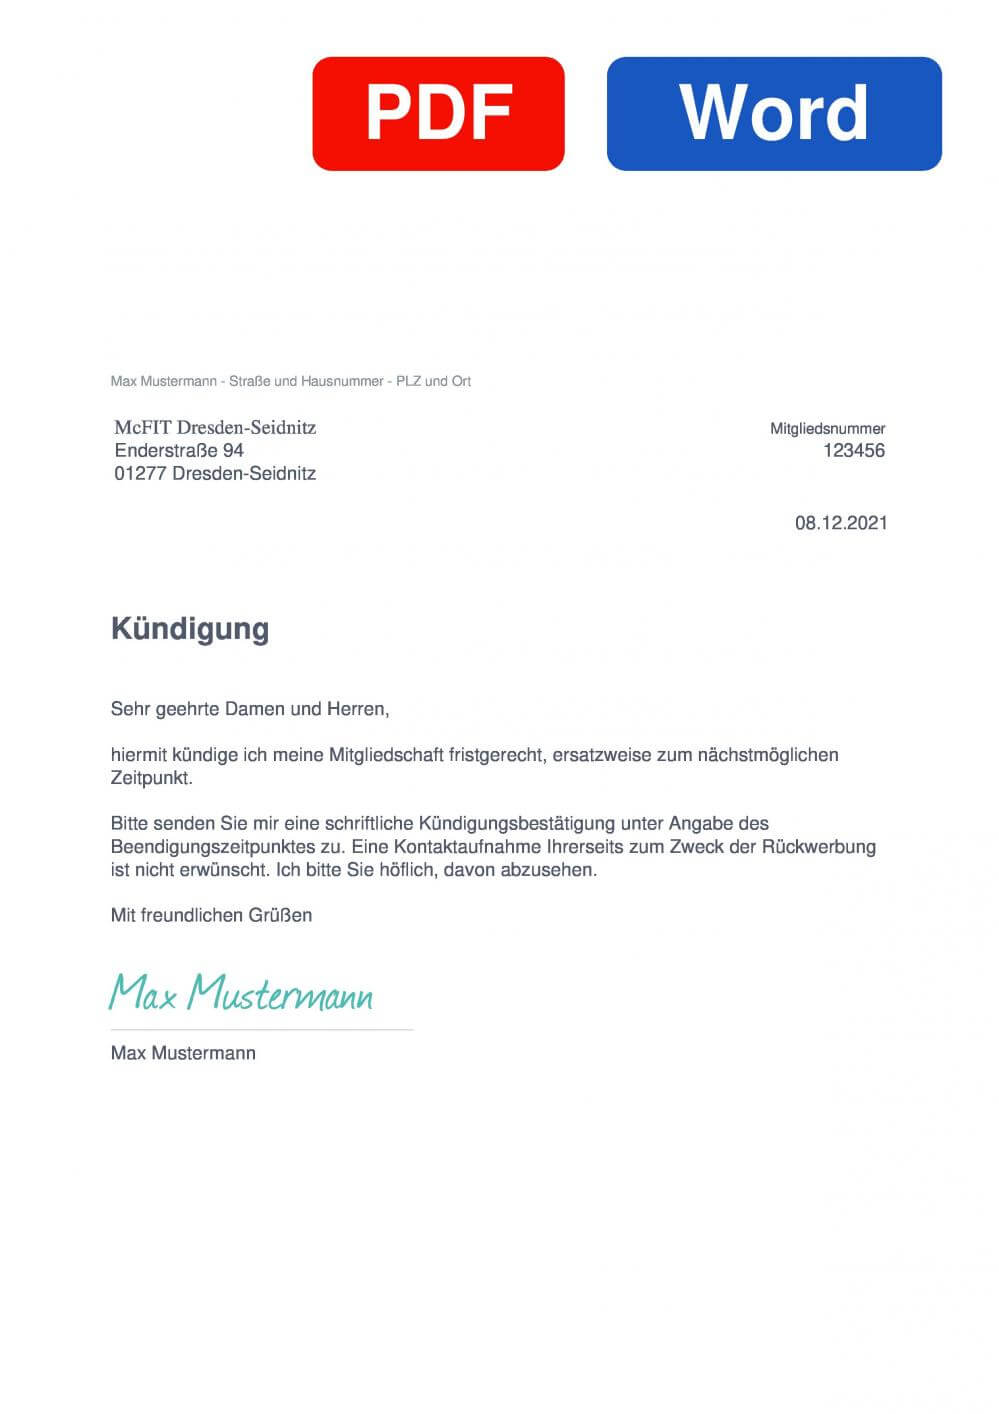 McFIT Dresden-Seidnitz Muster Vorlage für Kündigungsschreiben